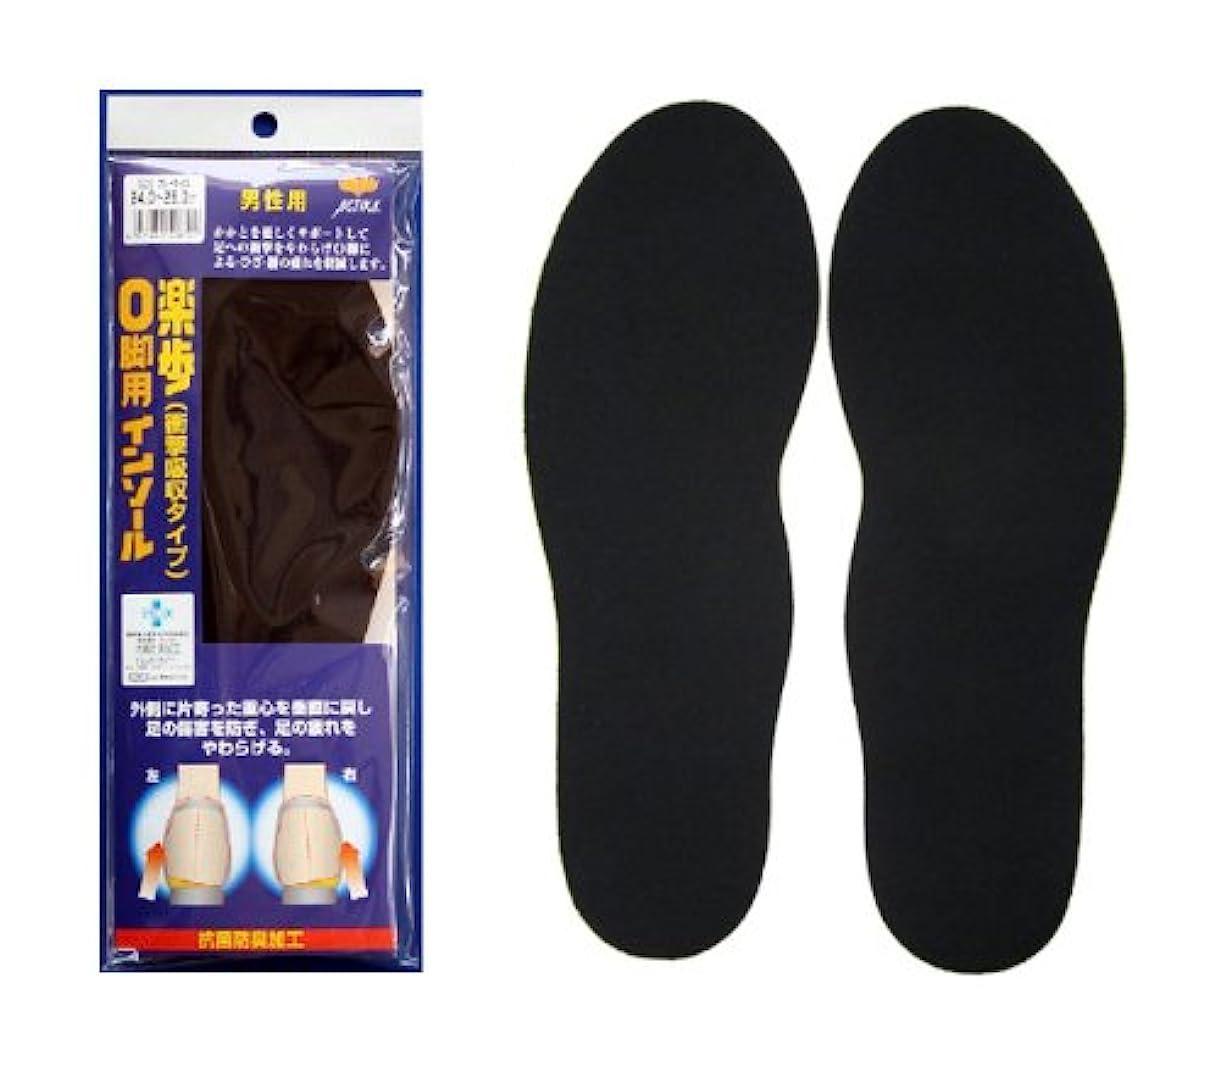 メタルライン踊り子招待楽歩 O脚用インソール 男性用(24.0~28.0cm) 2足セット  No.162